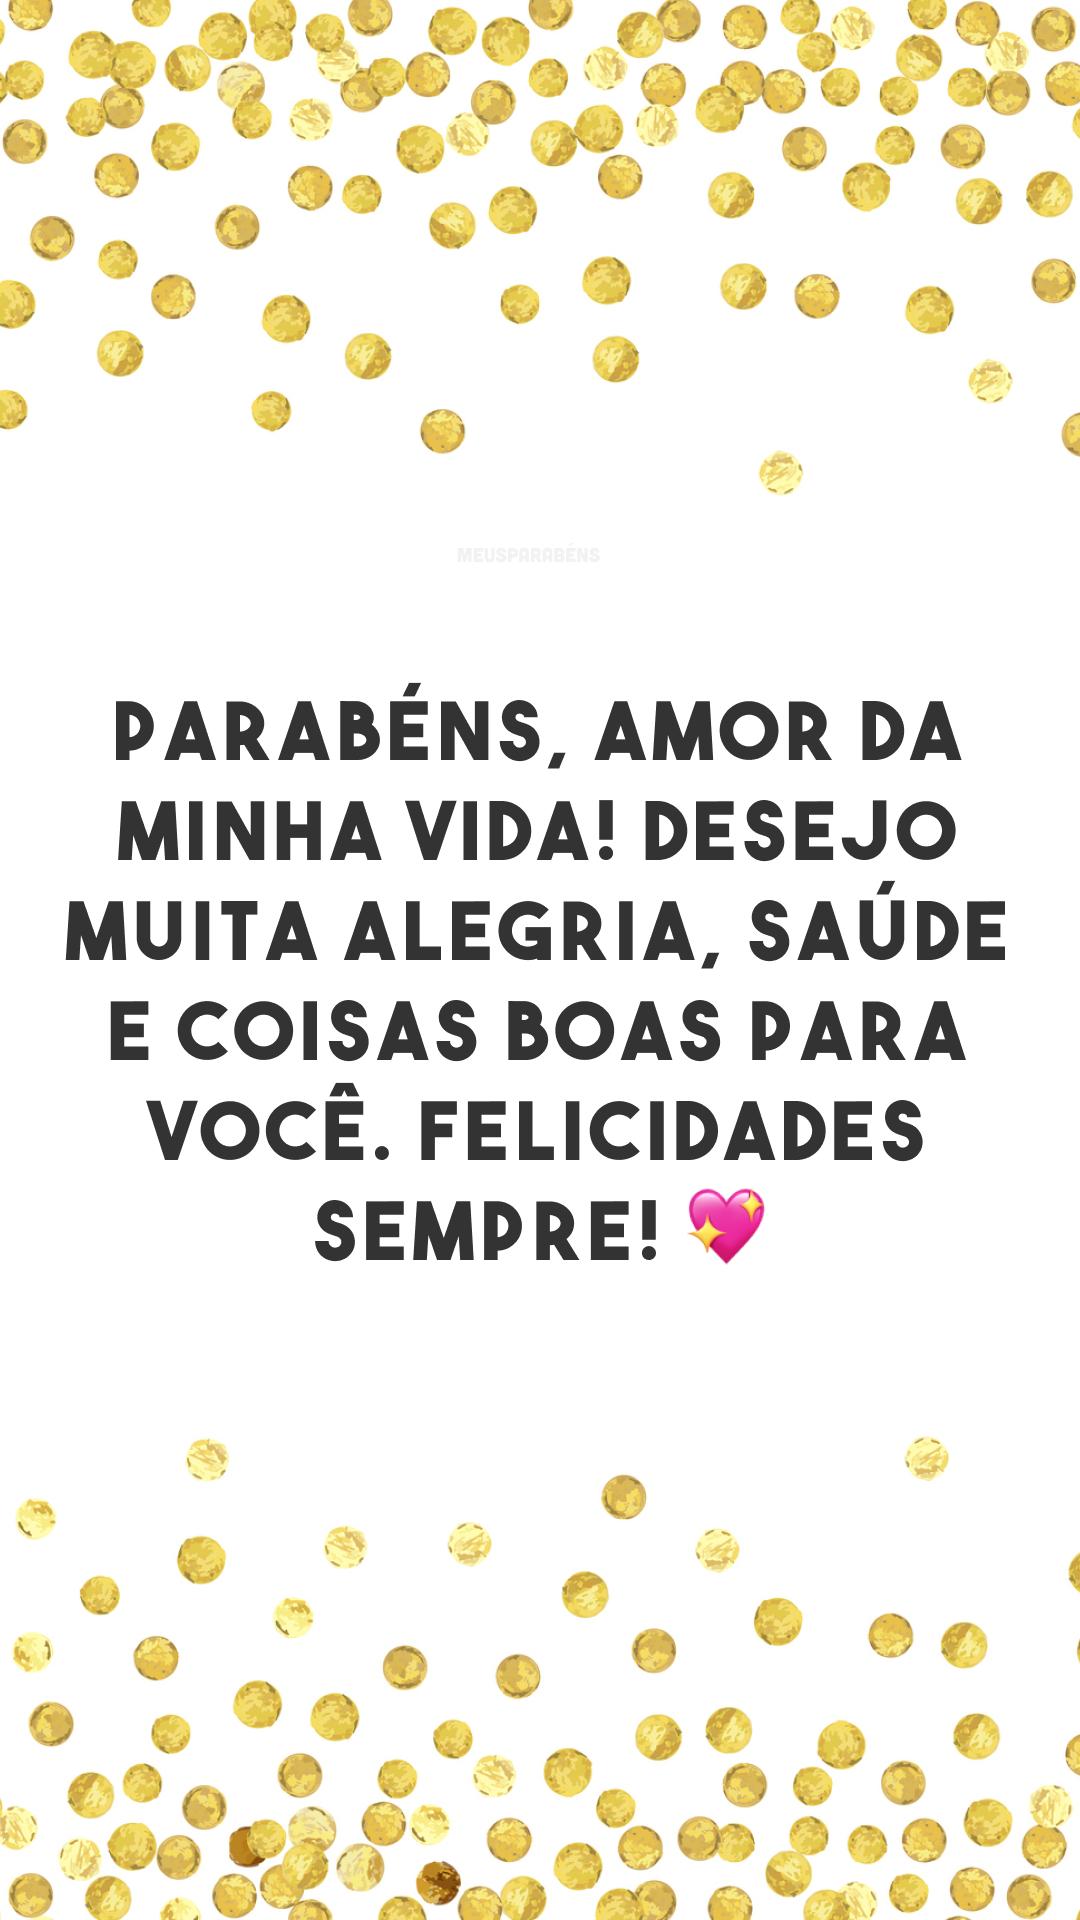 Parabéns, amor da minha vida! Desejo muita alegria, saúde e coisas boas para você. Felicidades sempre! 💖